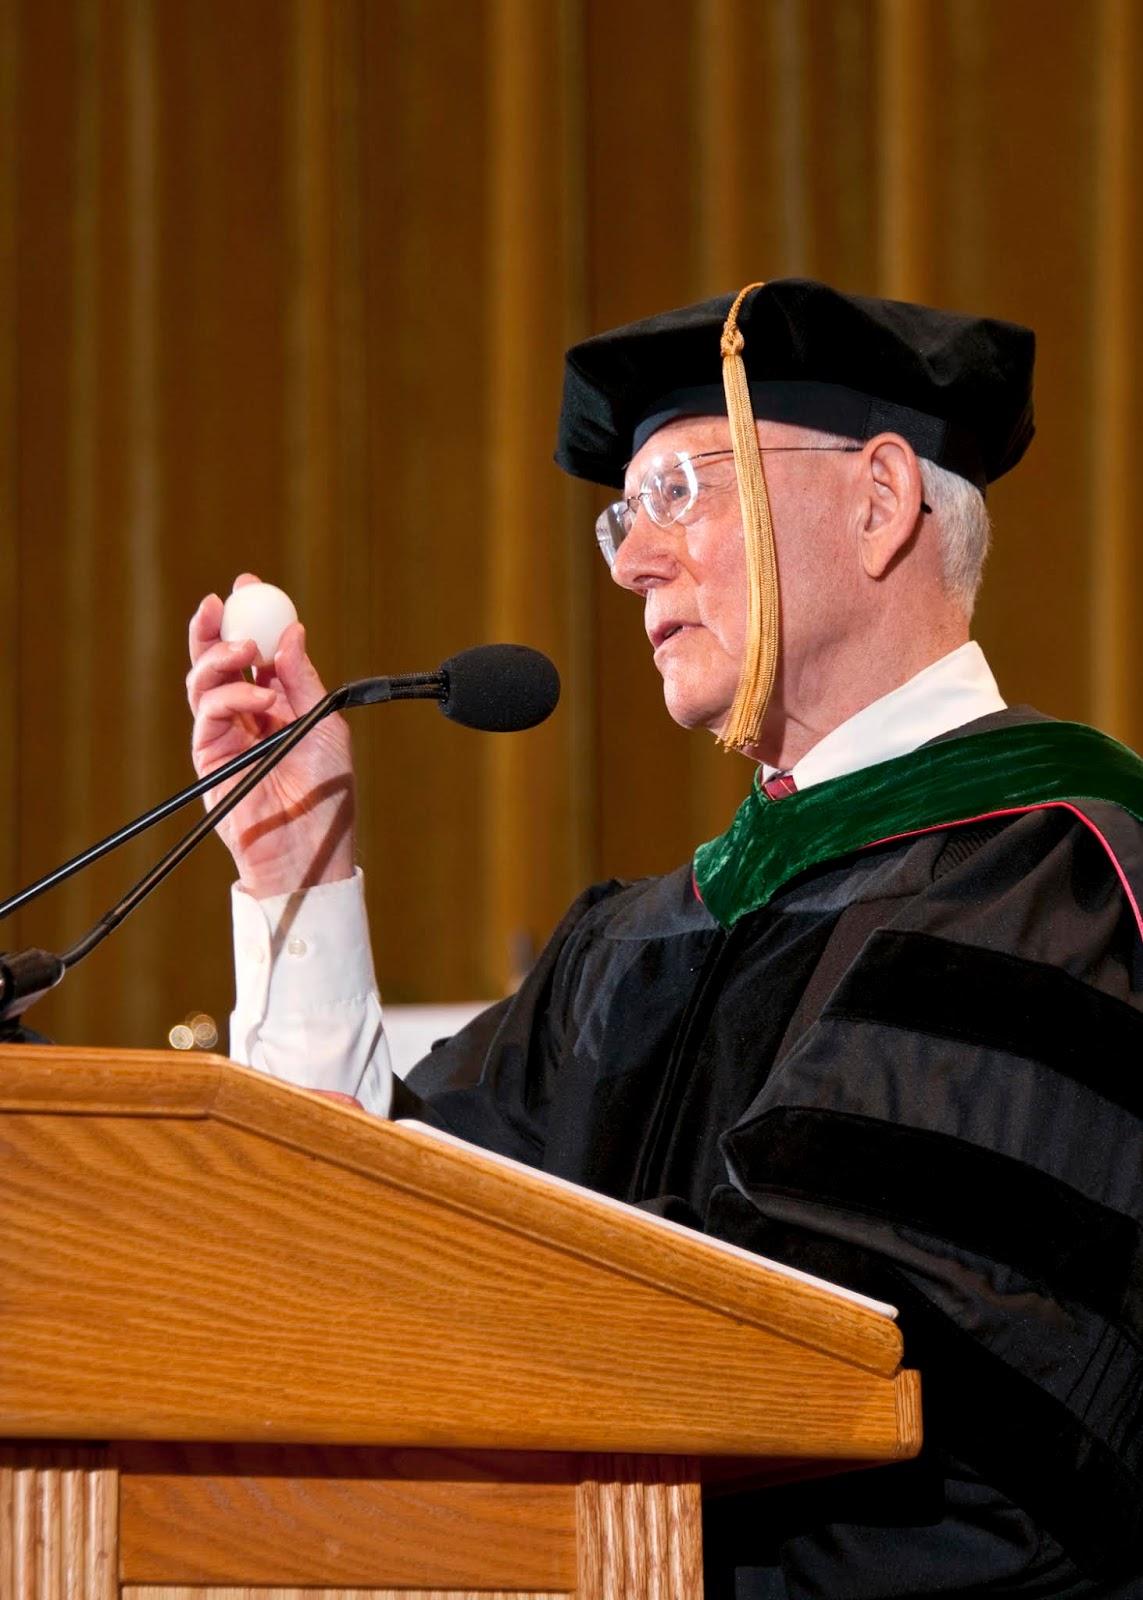 The keynote speaker holds an egg